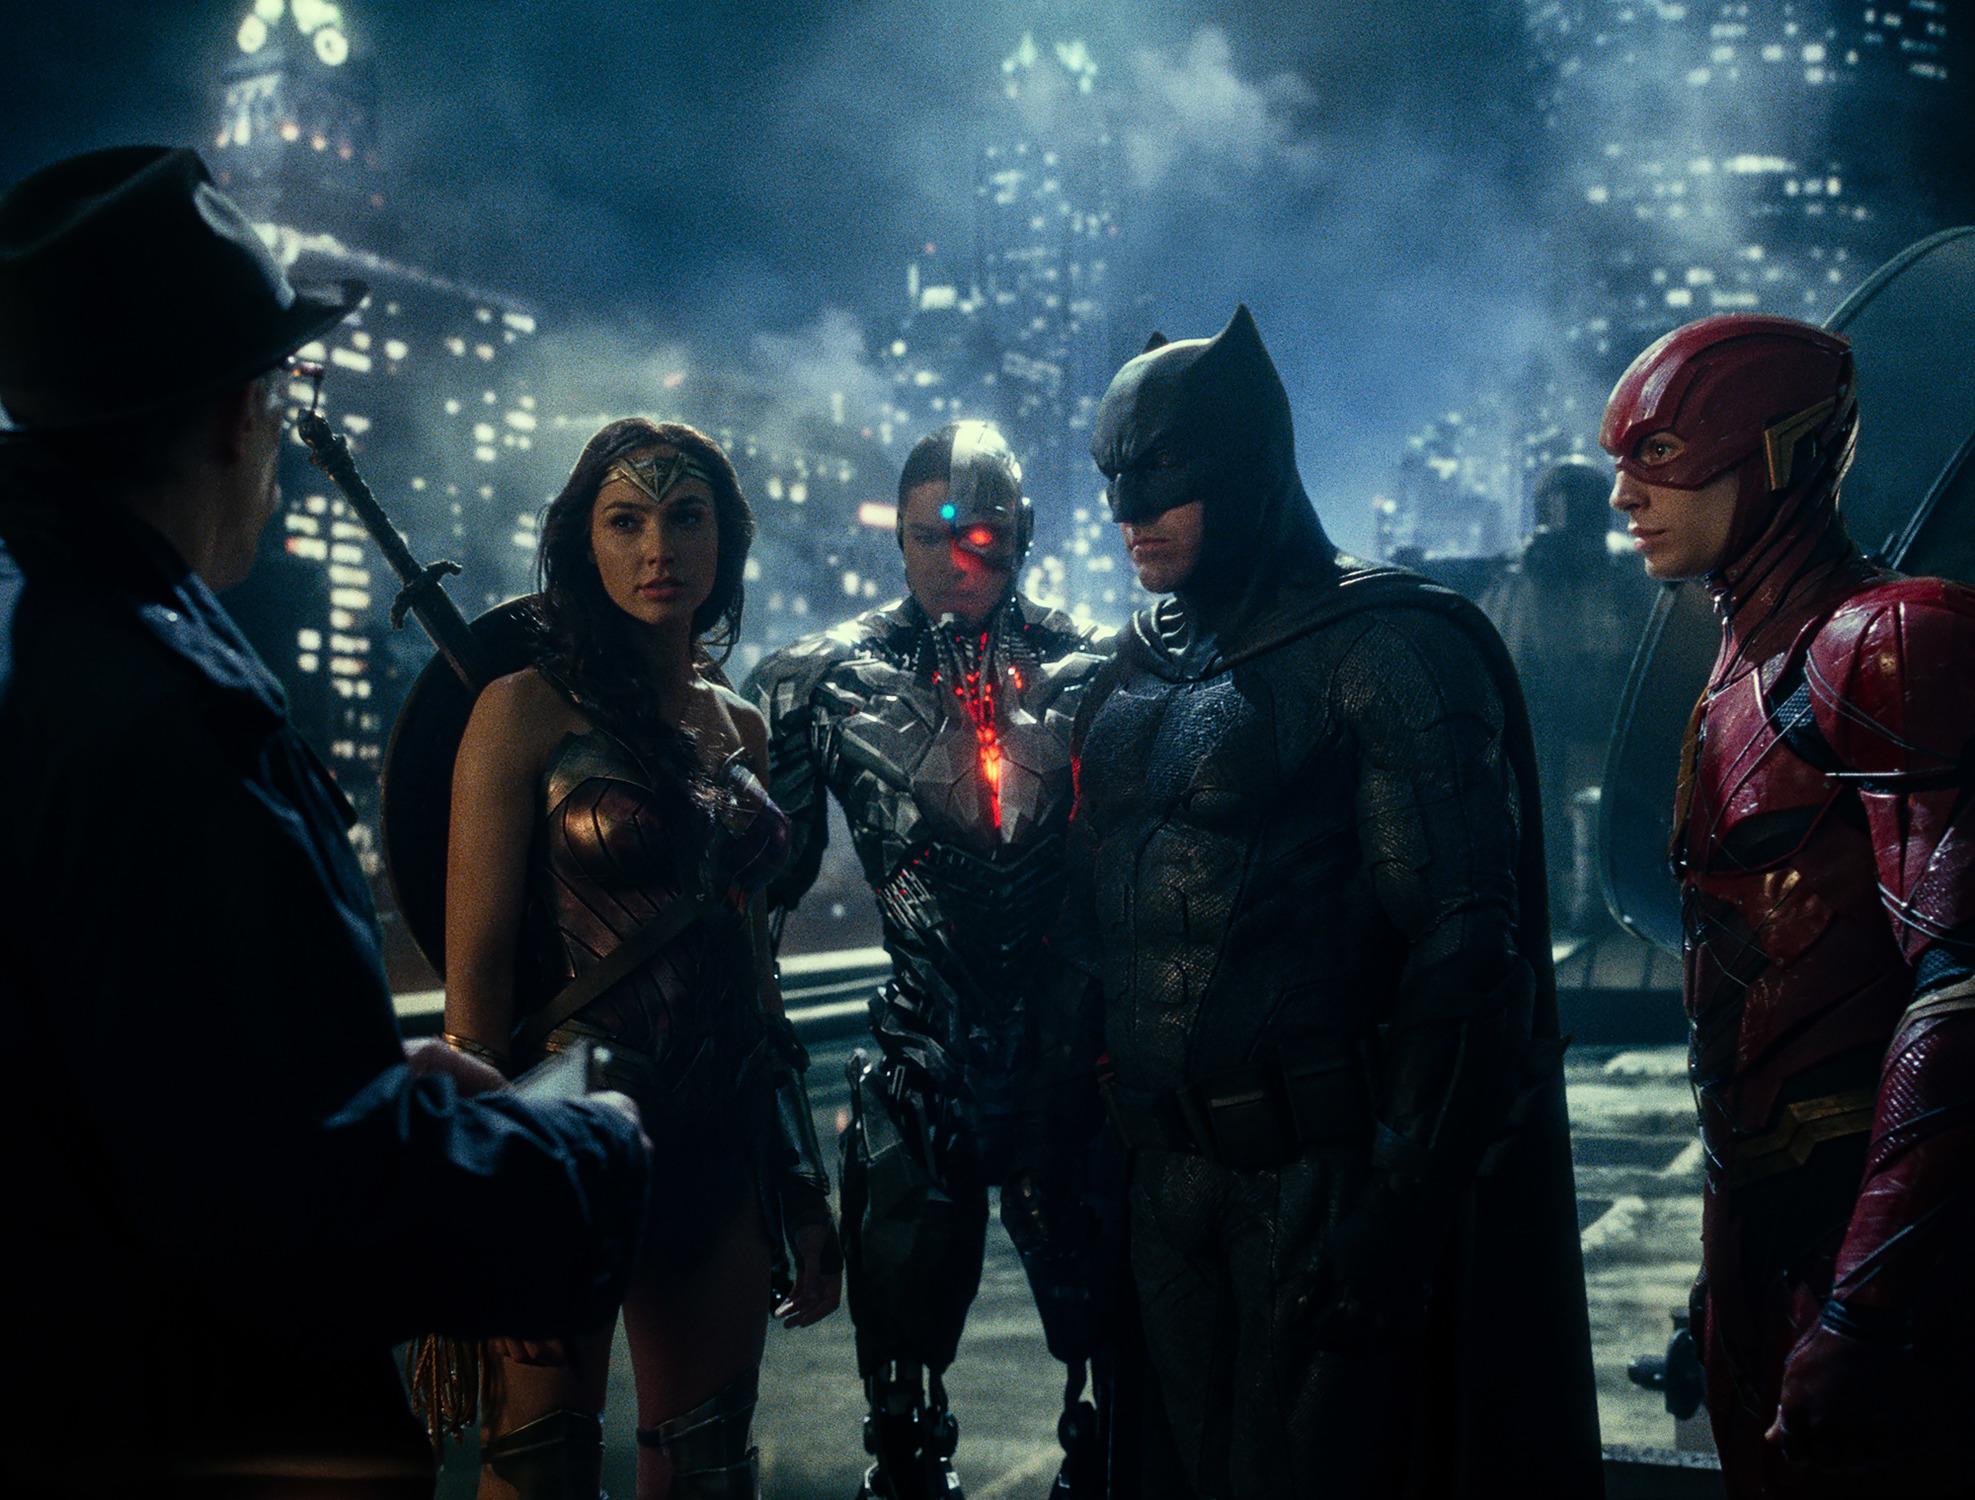 Justice League: Známe Snyderův cliffhanger? | Fandíme filmu